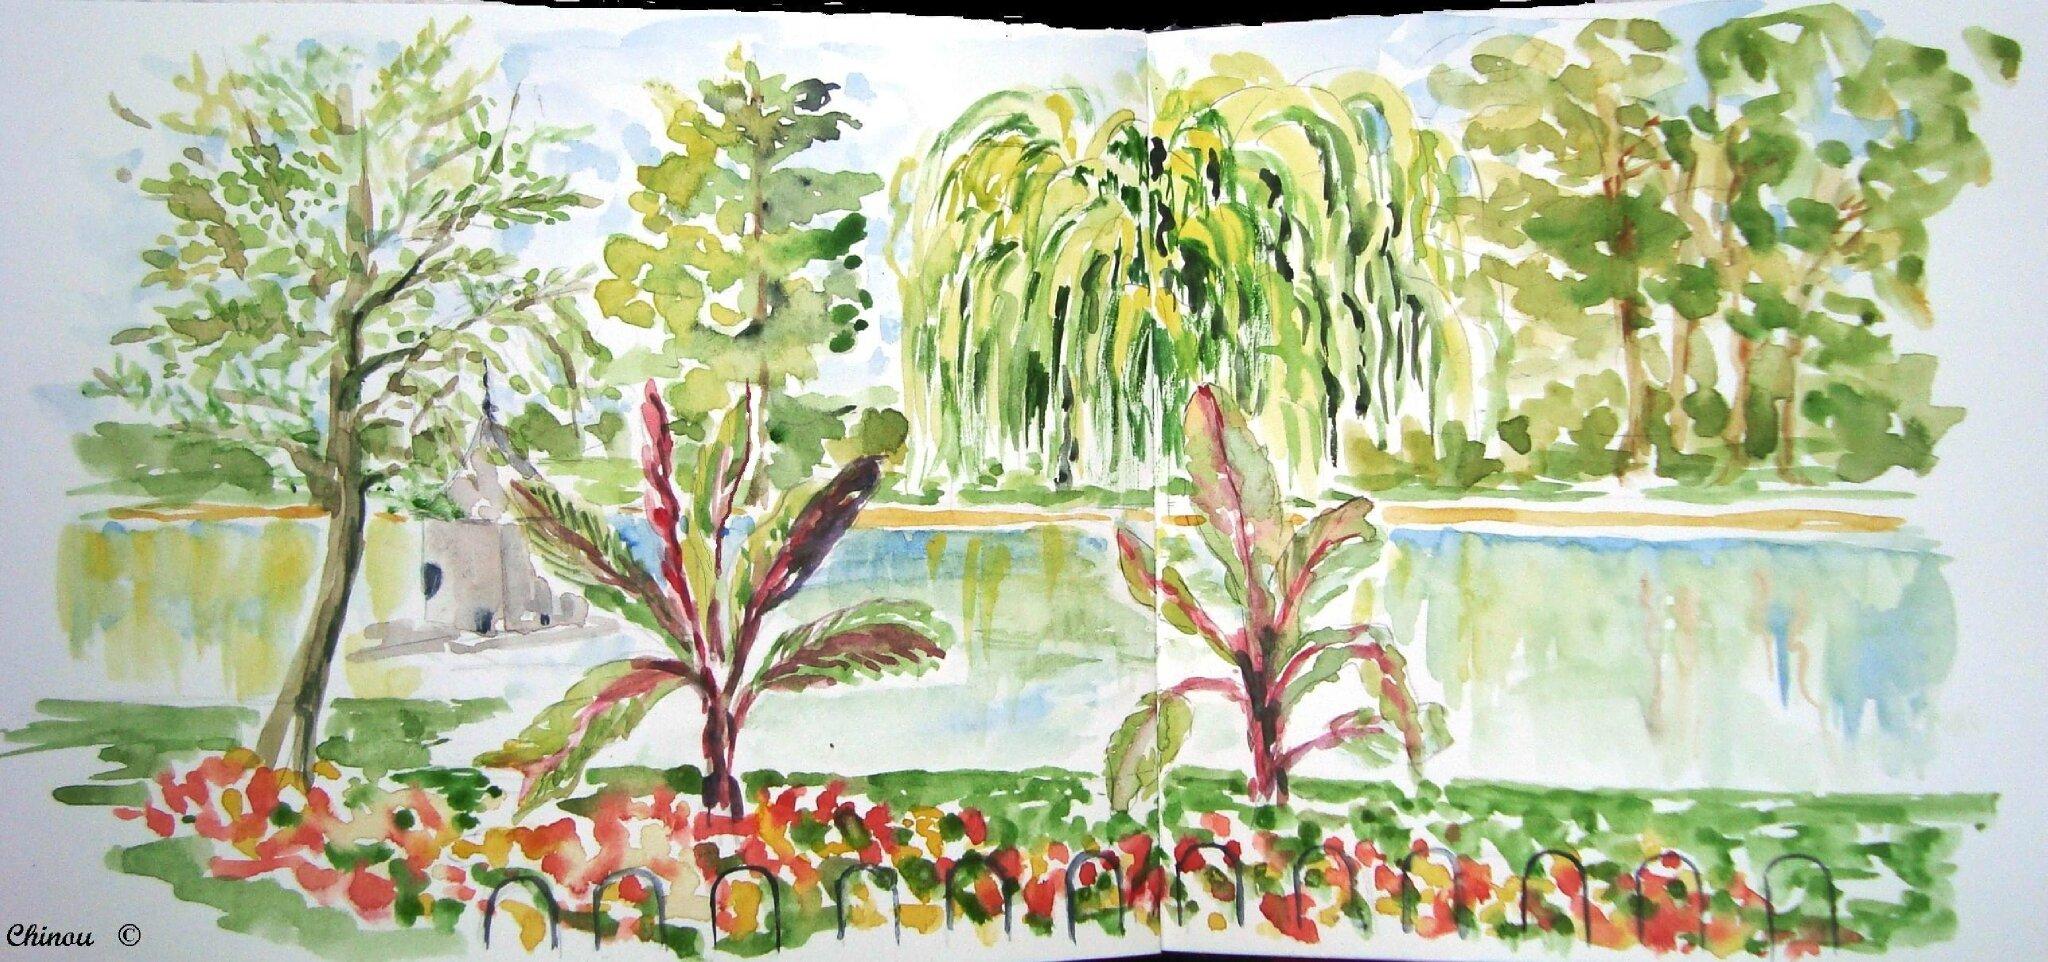 Toulouse carnets de voyage et peintures de chinou for O jardin gourmand toulouse